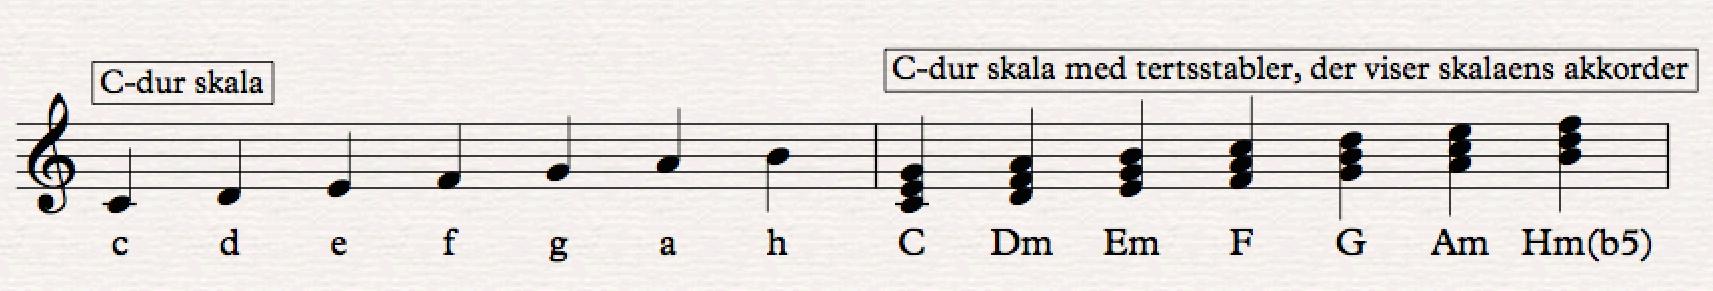 Nodepapir - C-dur skala med tilhørende akkorder